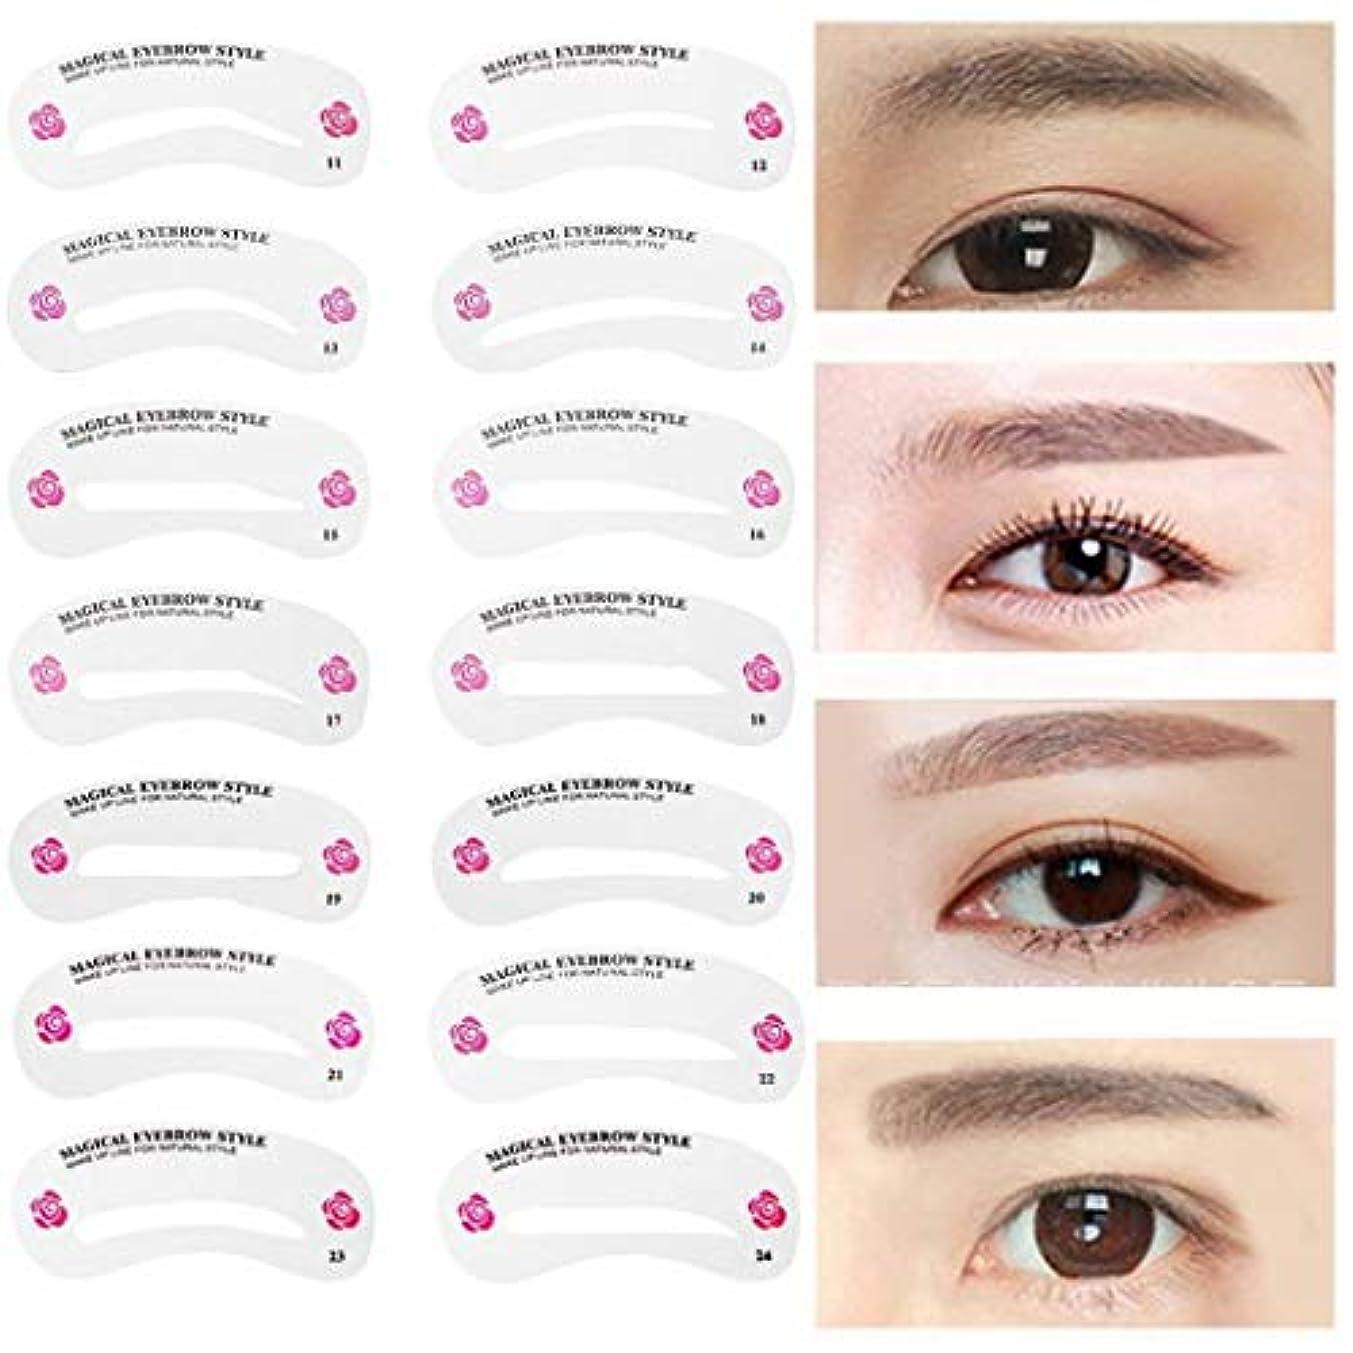 霧薬コマース24種類 眉毛テンプレート24枚セット 太眉対応 24パターン 眉毛を気分で使い分け 眉用ステンシル